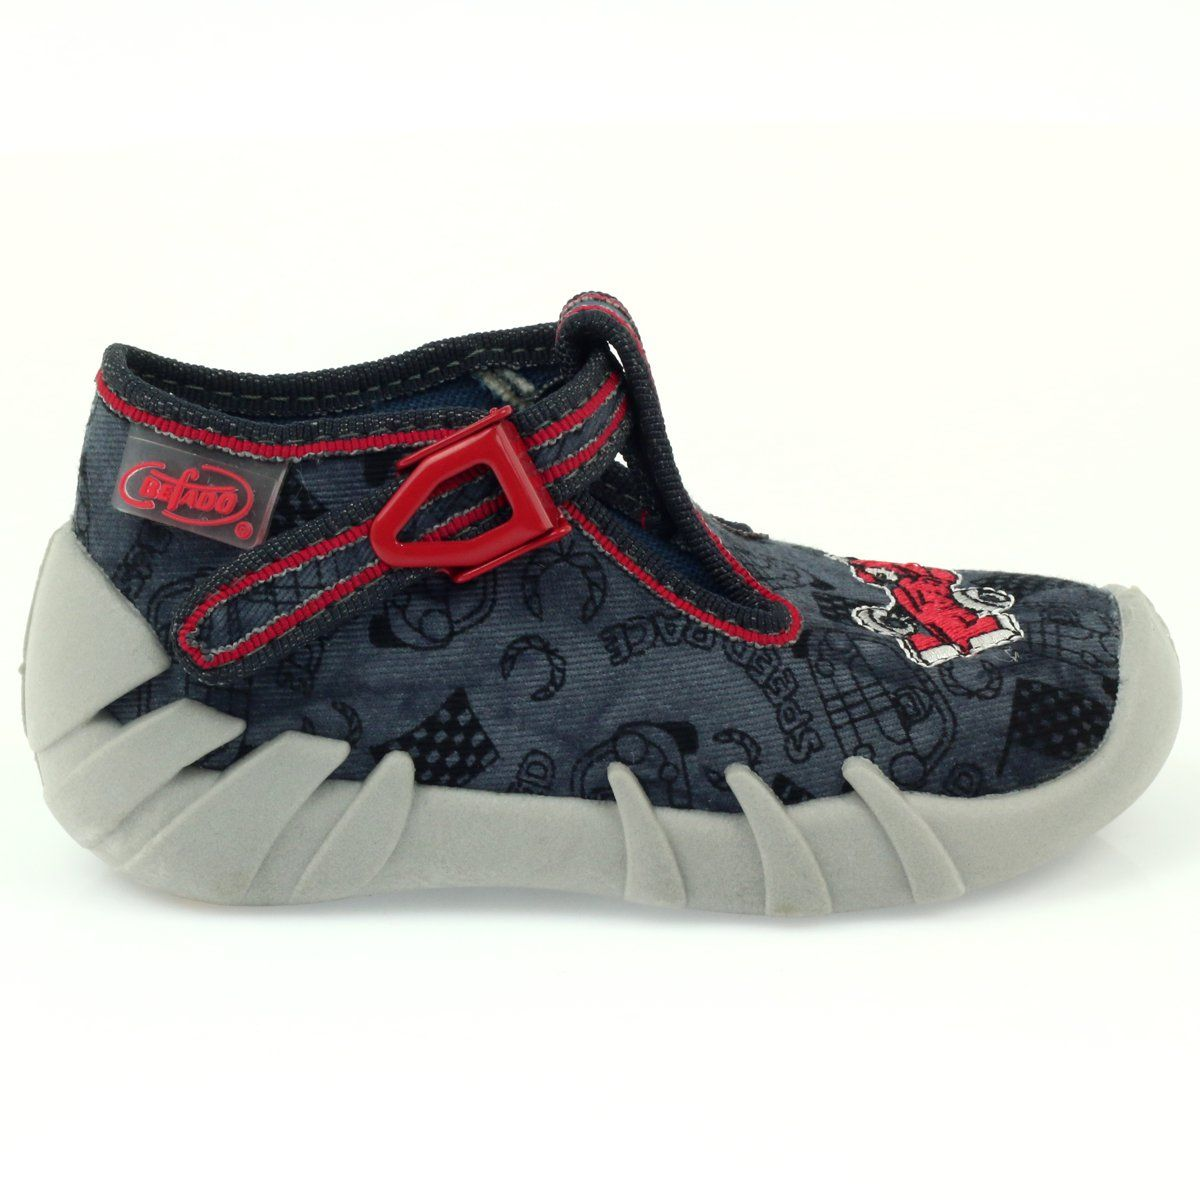 Befado Obuwie Dzieciece Kapcie 110p324 Czarne Szare Czerwone Childrens Slippers Childrens Shoes Kid Shoes